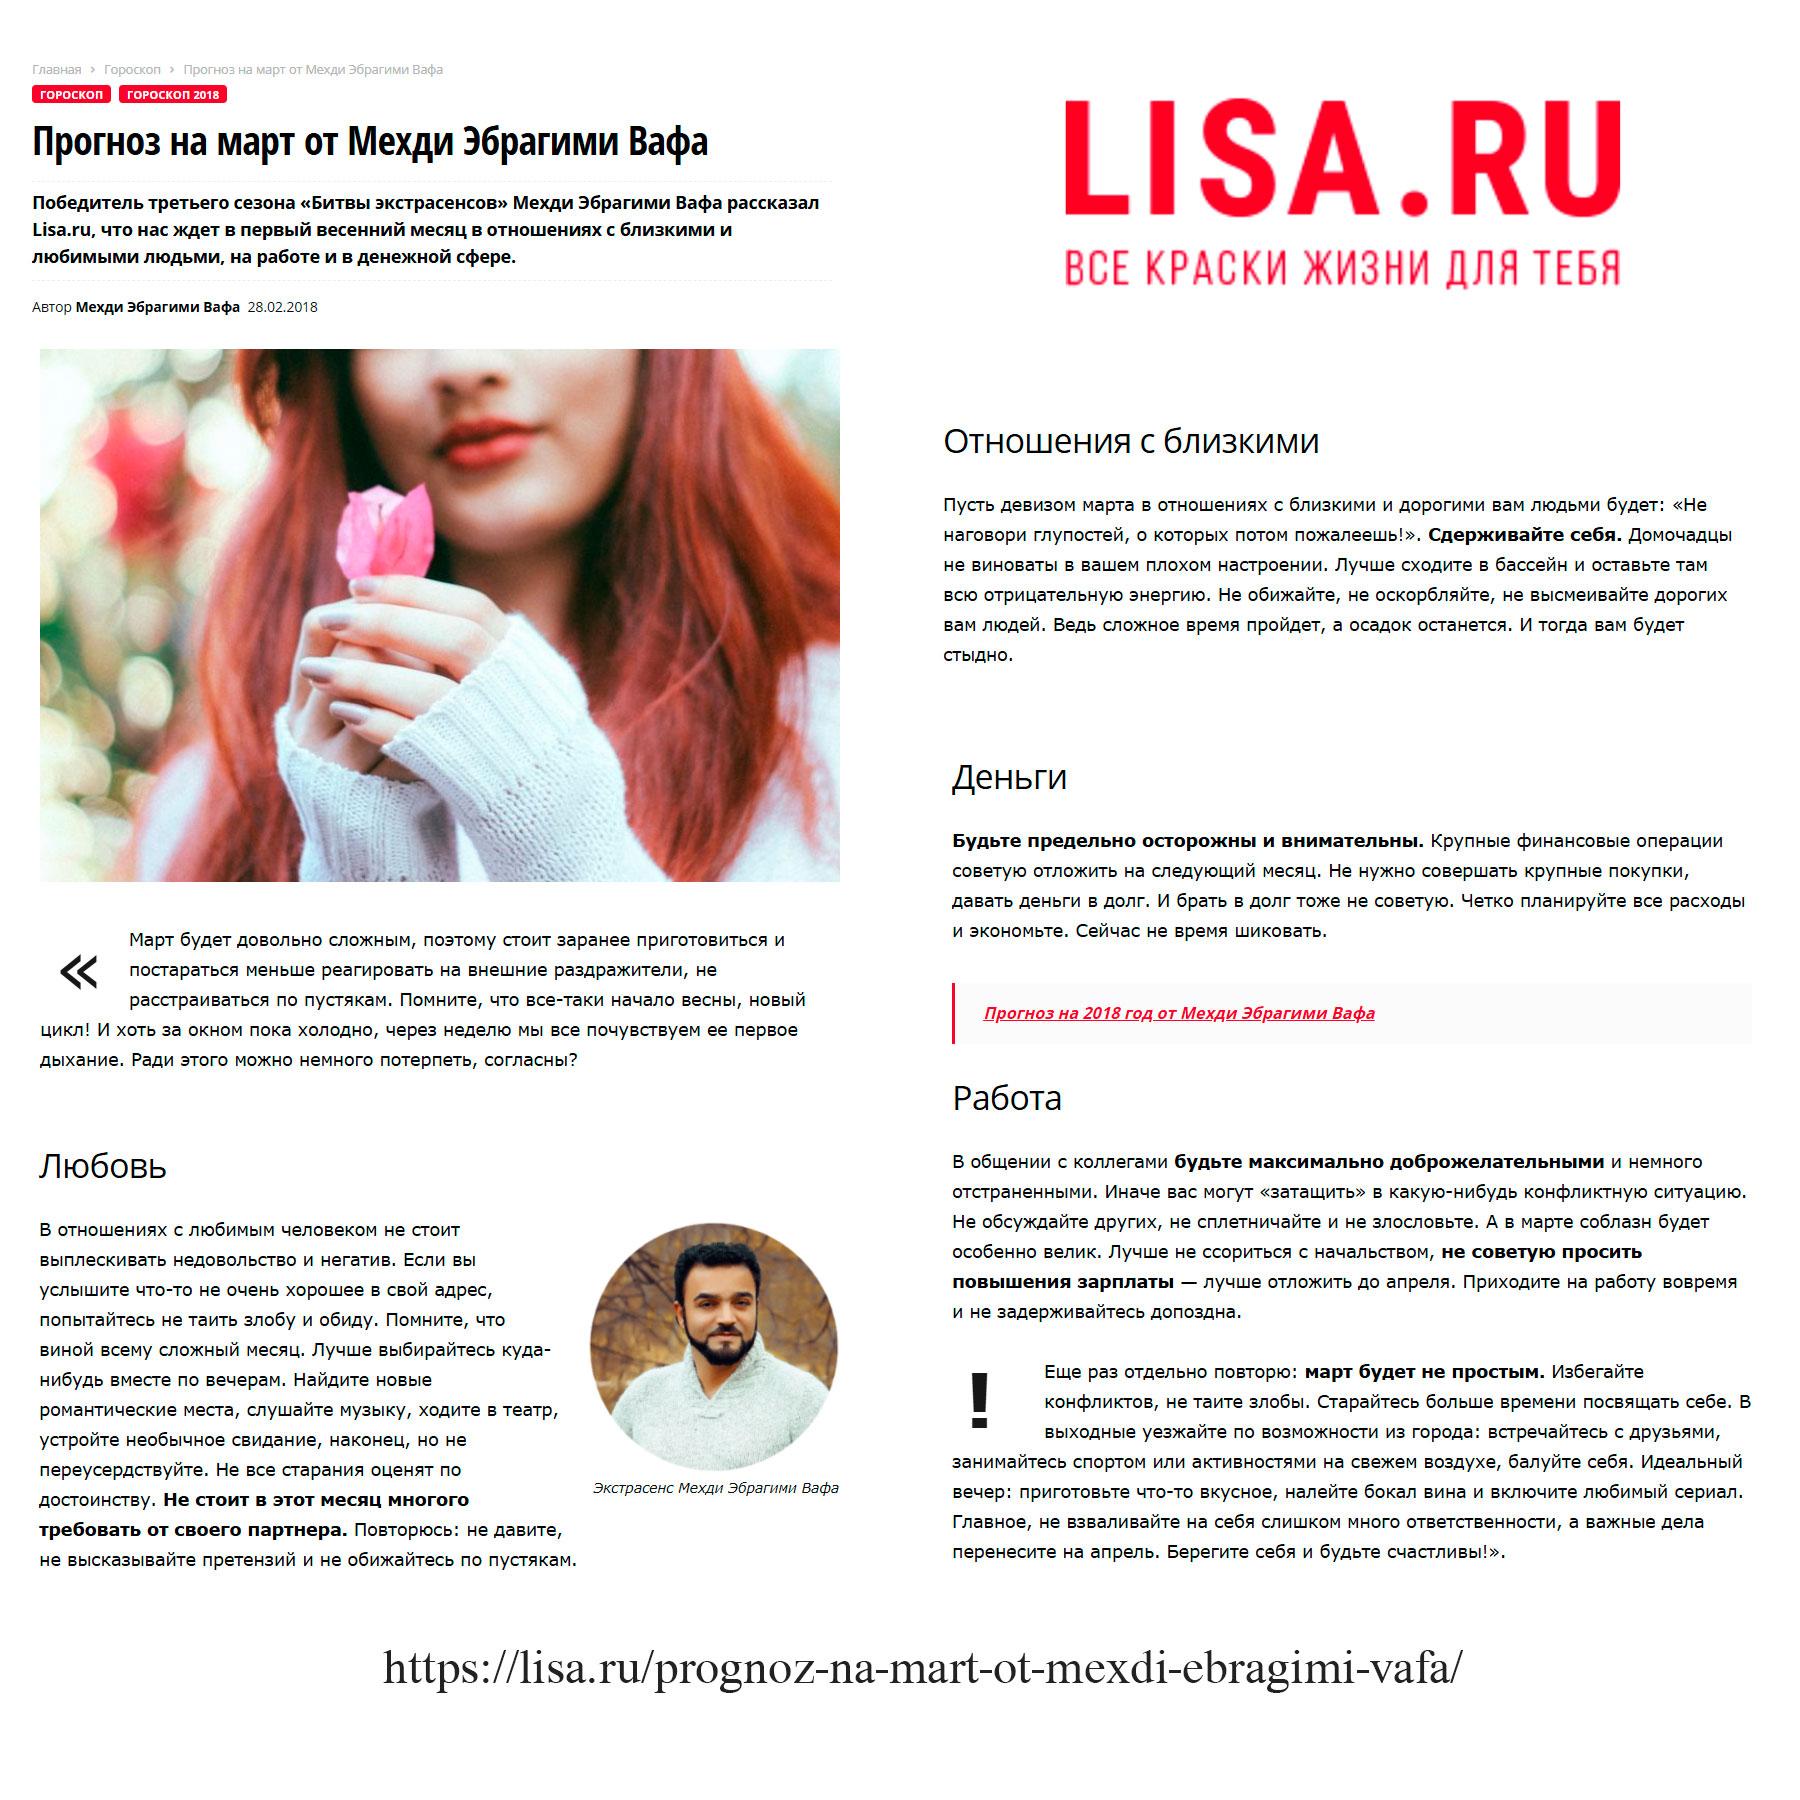 lisa.ru: Прогноз на март 2018 от Мехди Эбрагими Вафа